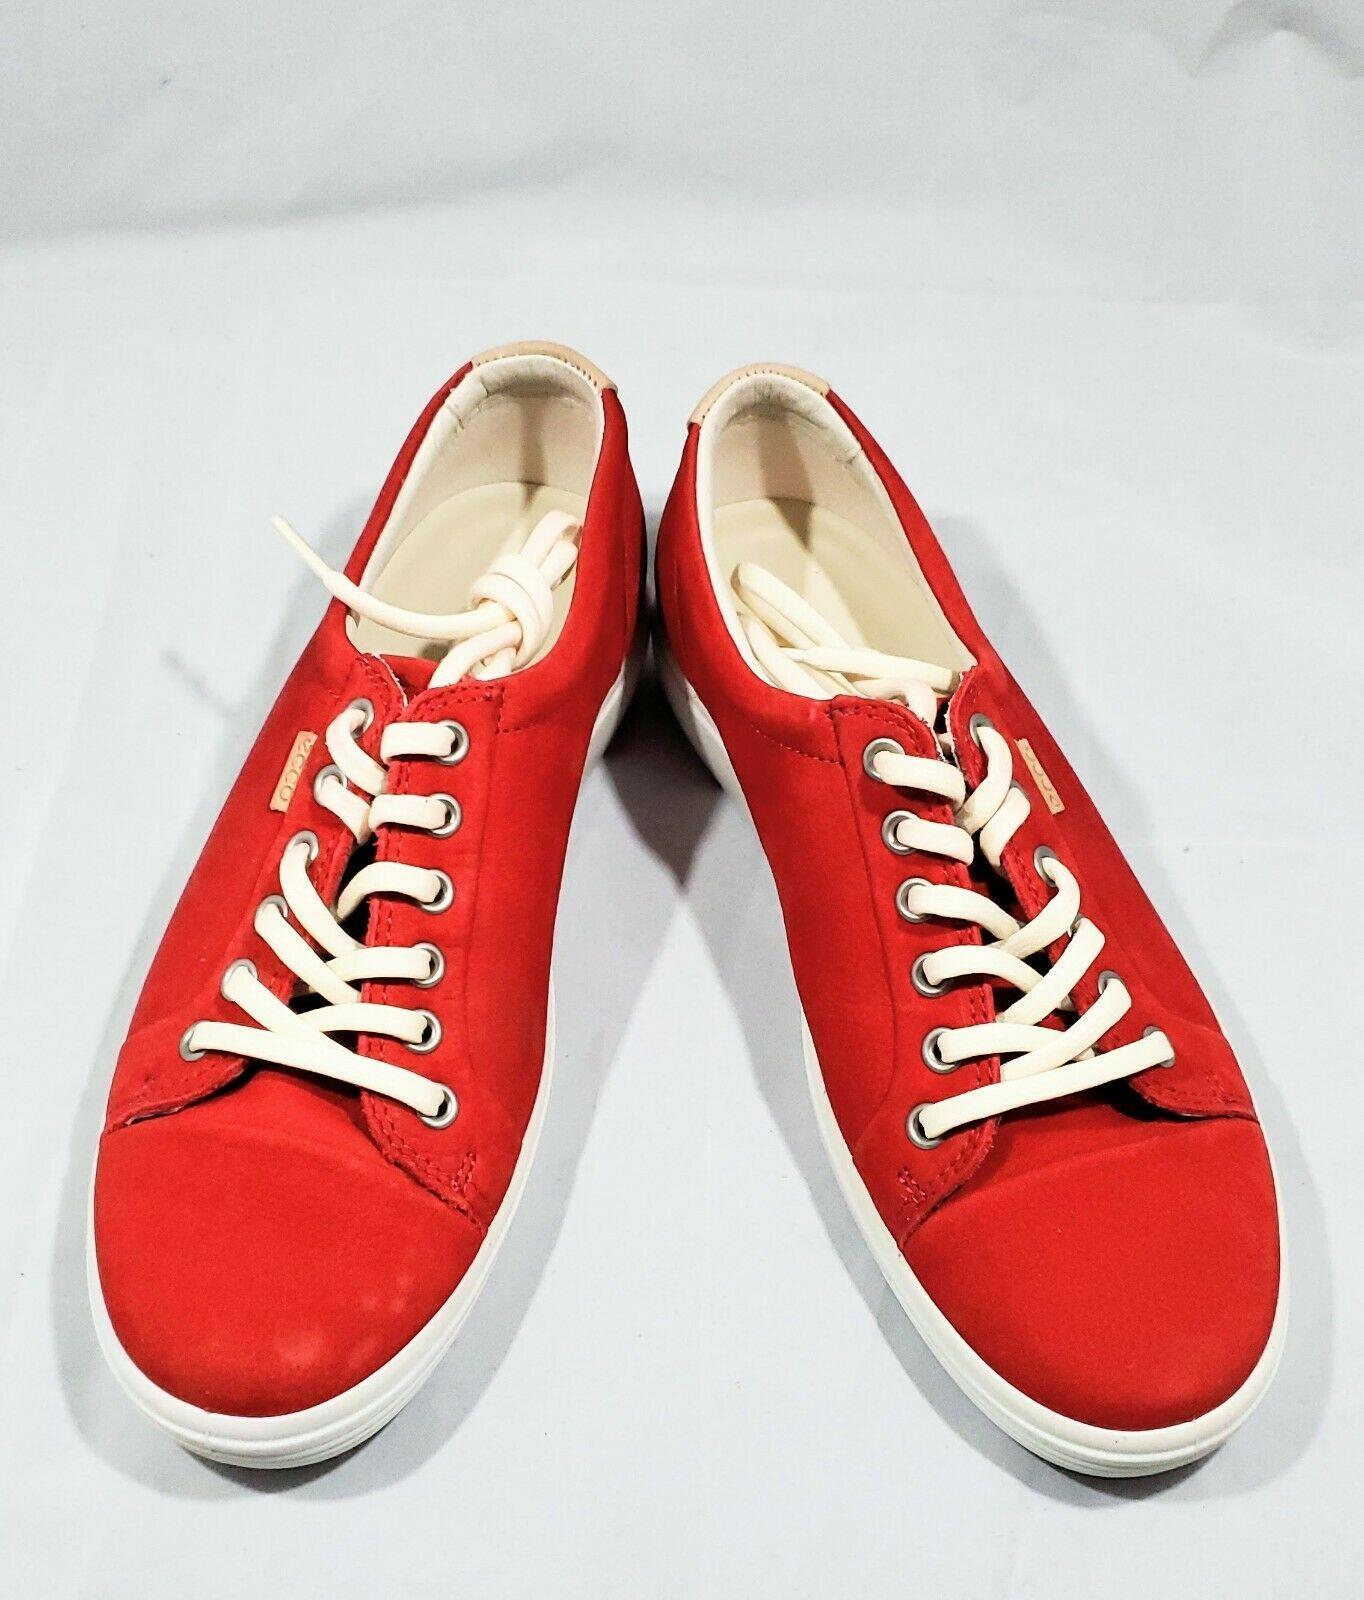 ecco shoe laces black